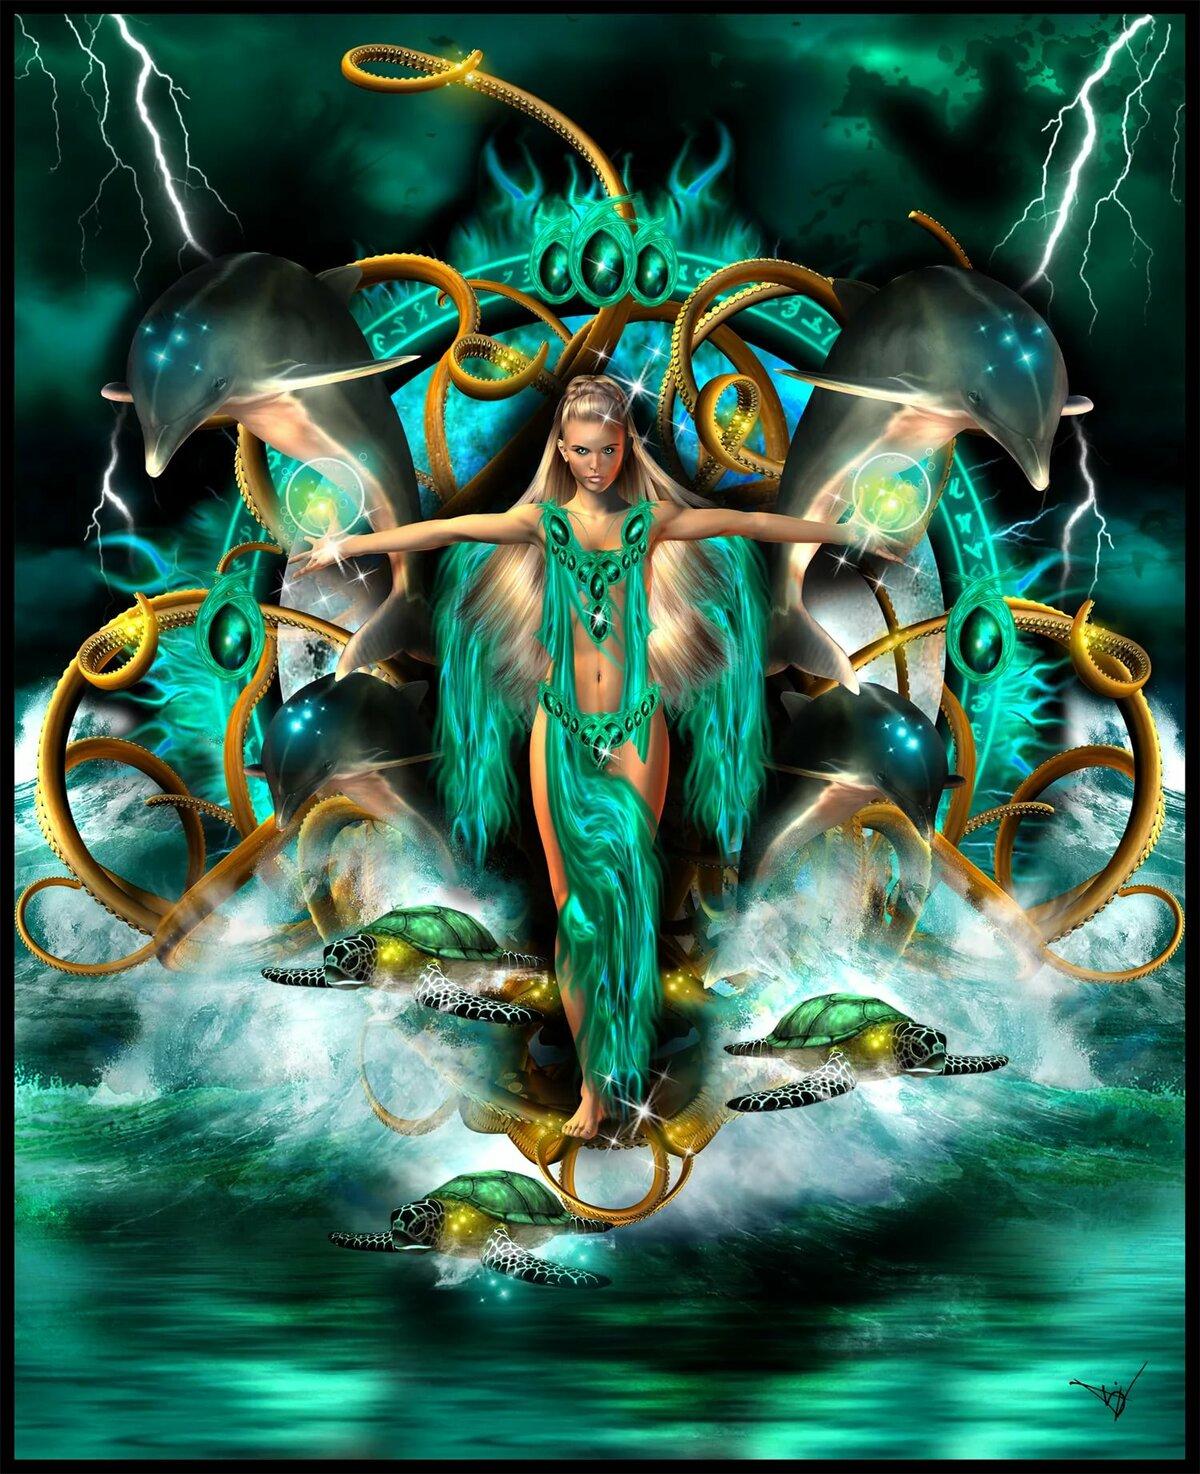 Мифы и легенды * нерей и нереиды. нереиды — морские сестры из греческой мифологии нереида из греческих мифов 3 буквы